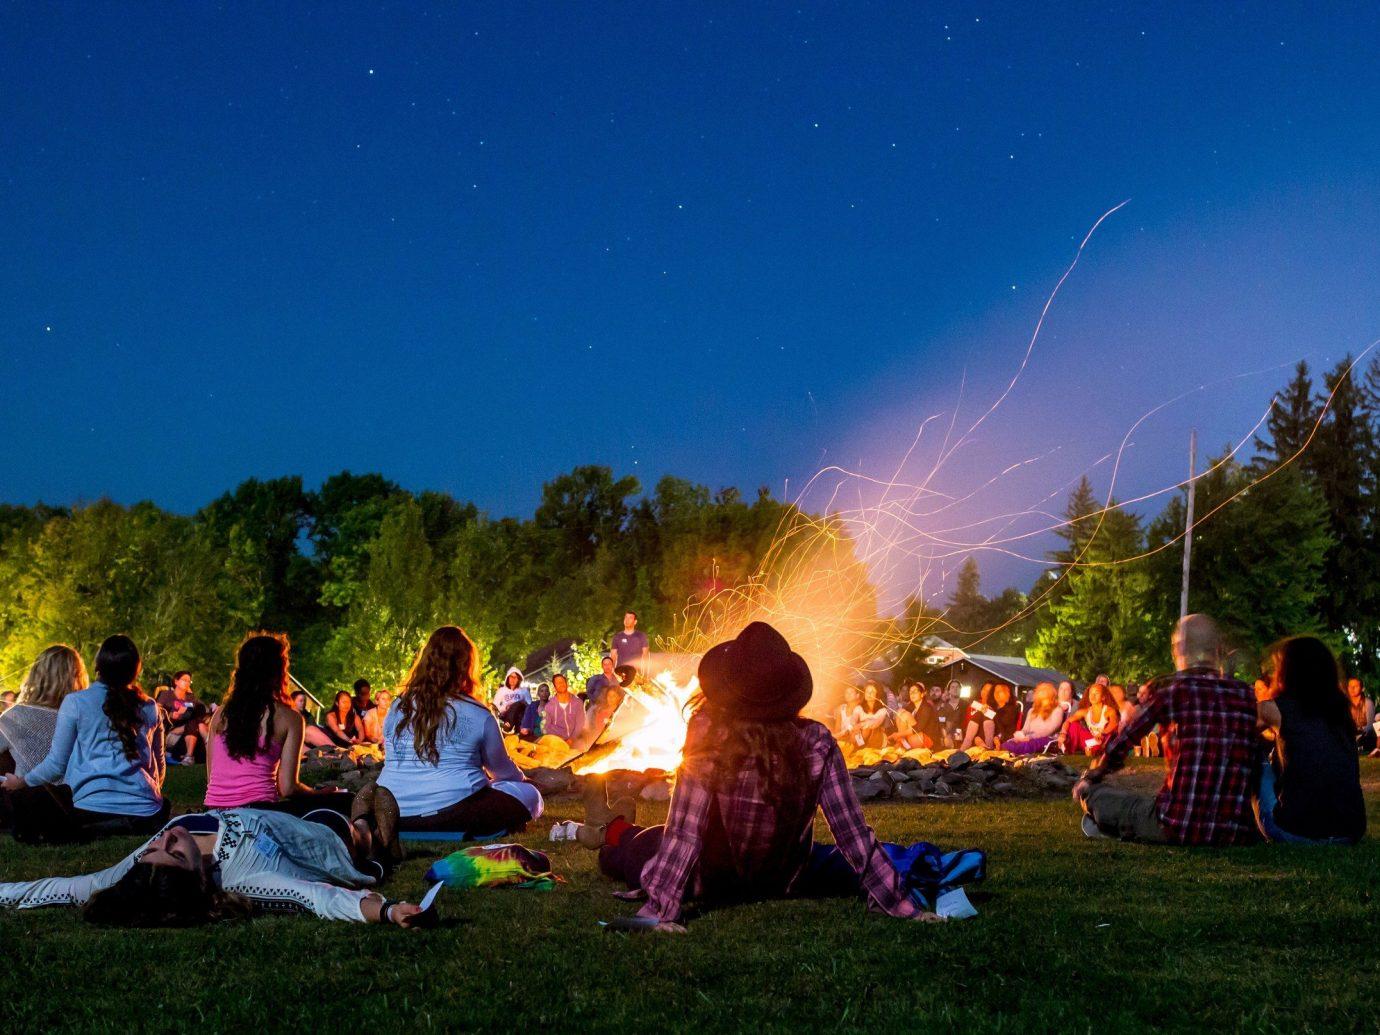 Offbeat person outdoor grass night campfire screenshot